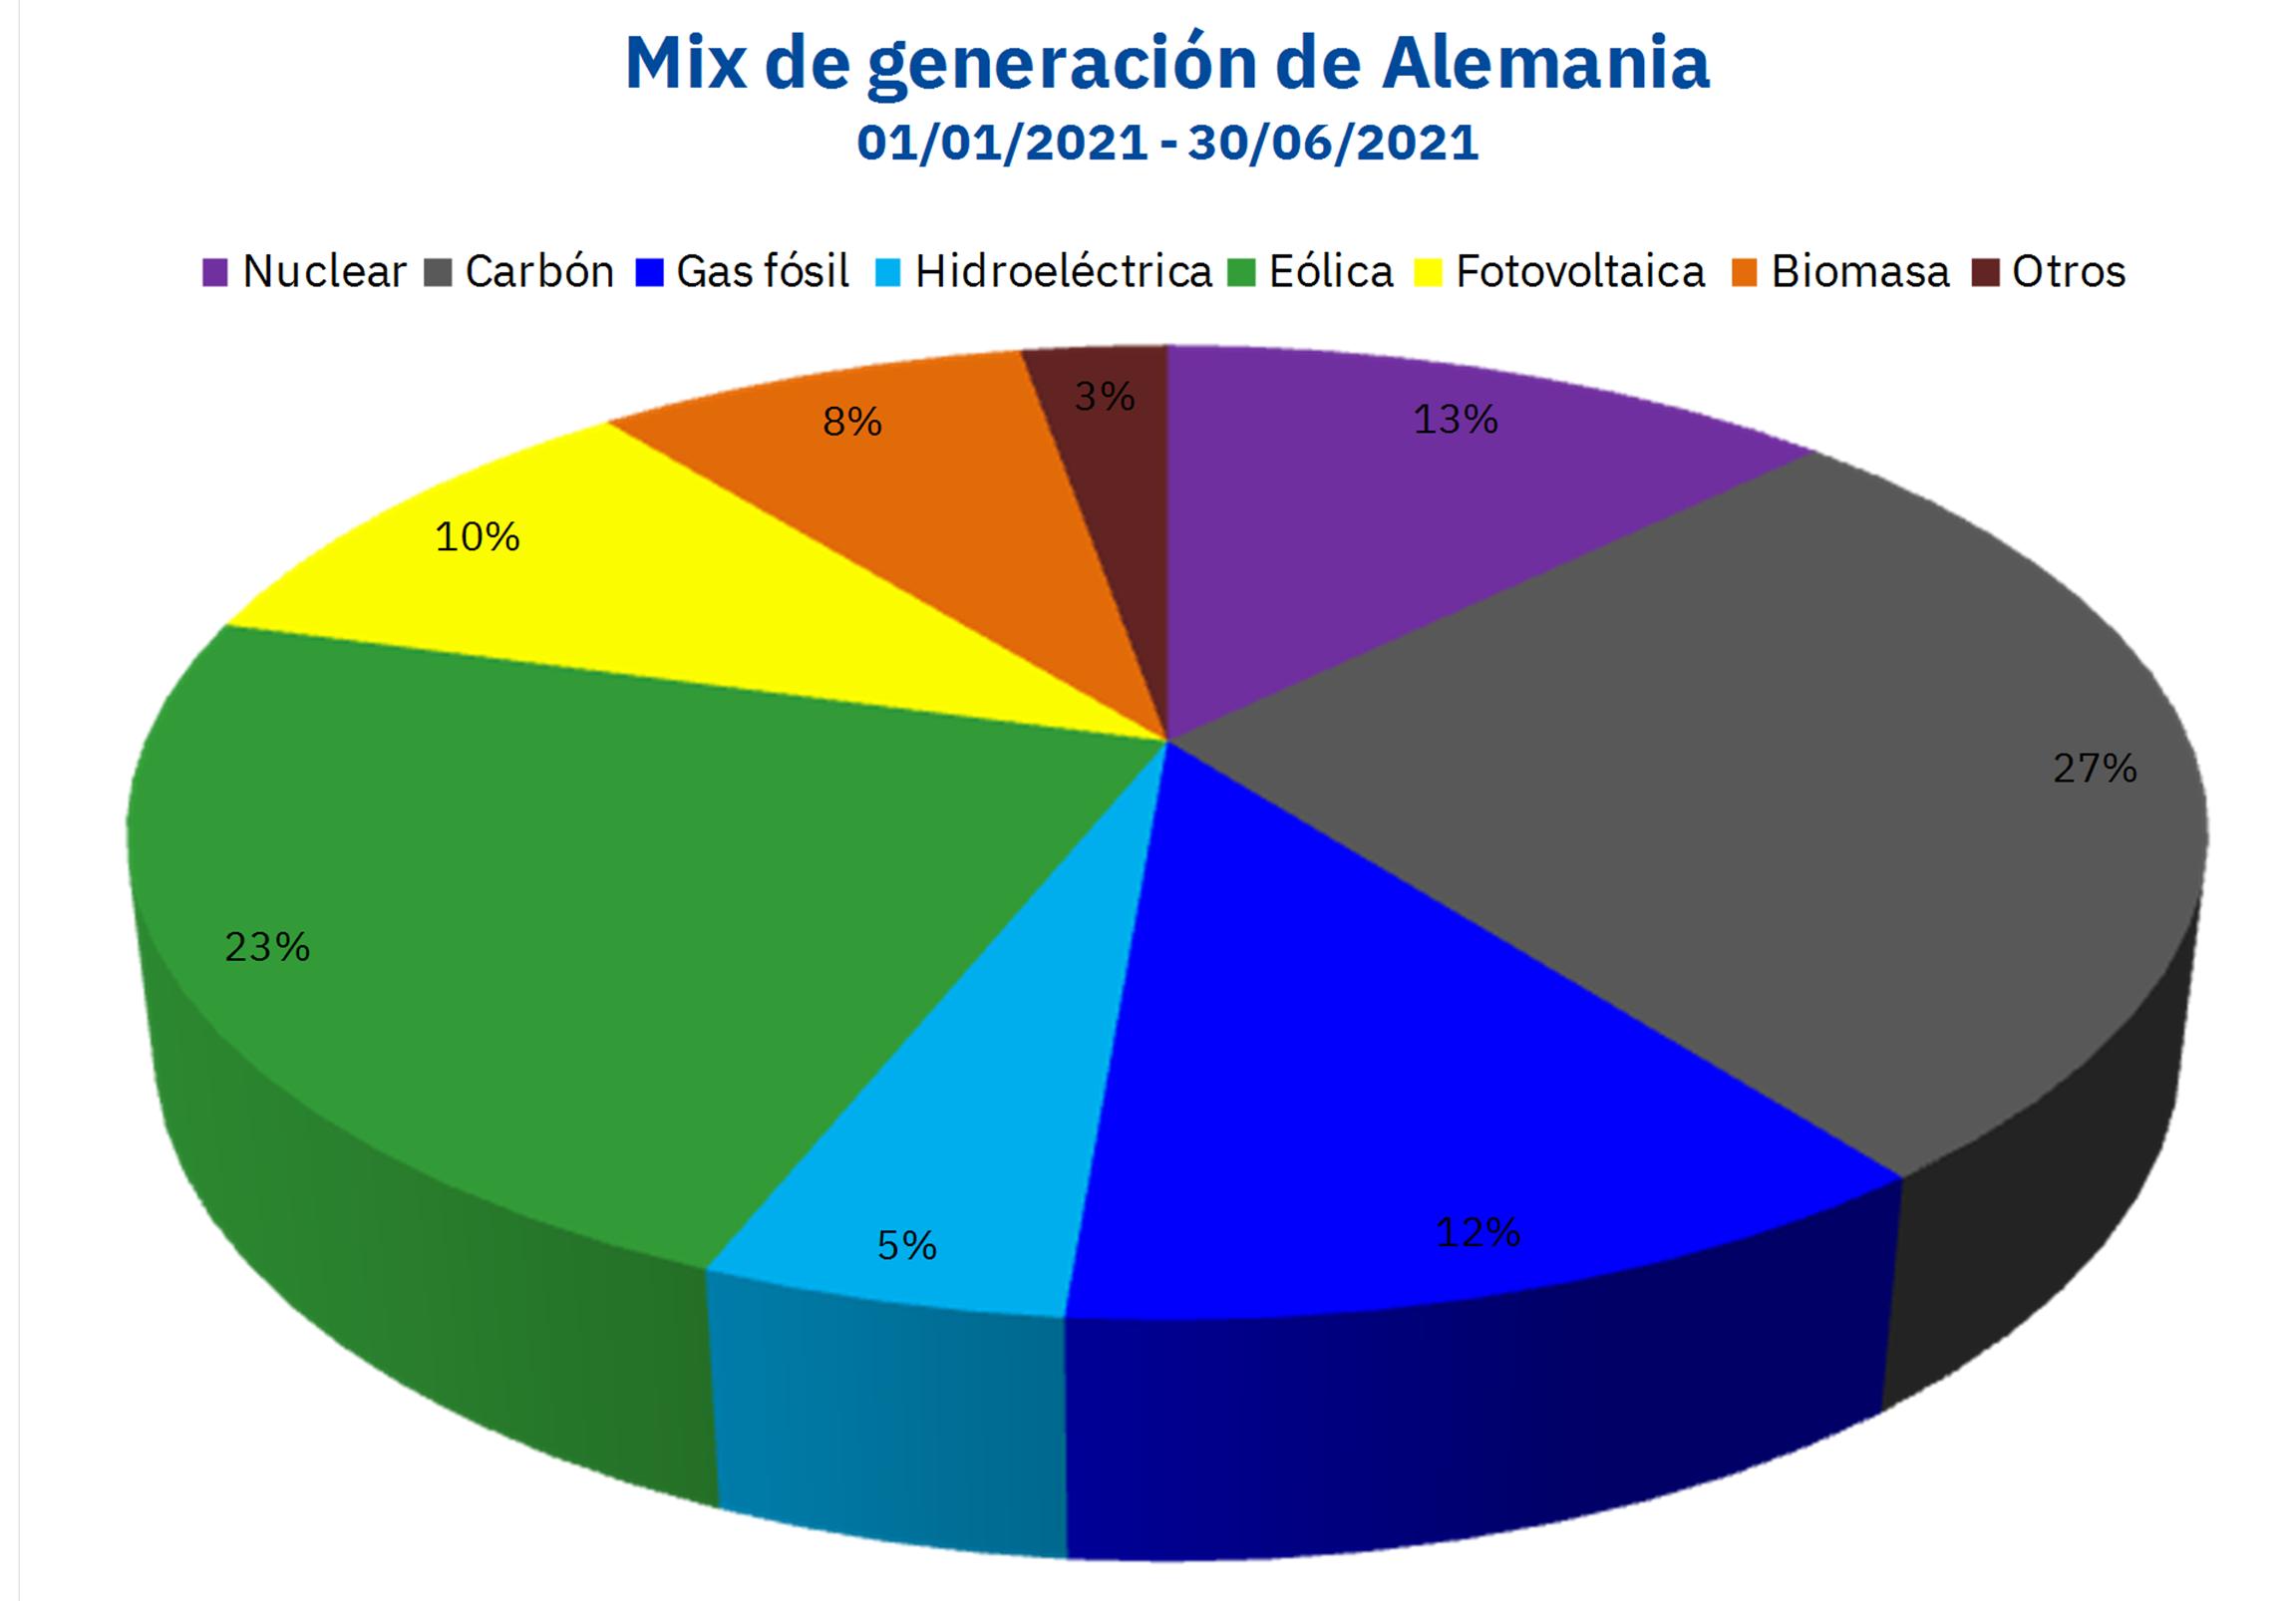 AleaSoft - mix generacion electricidad alemania